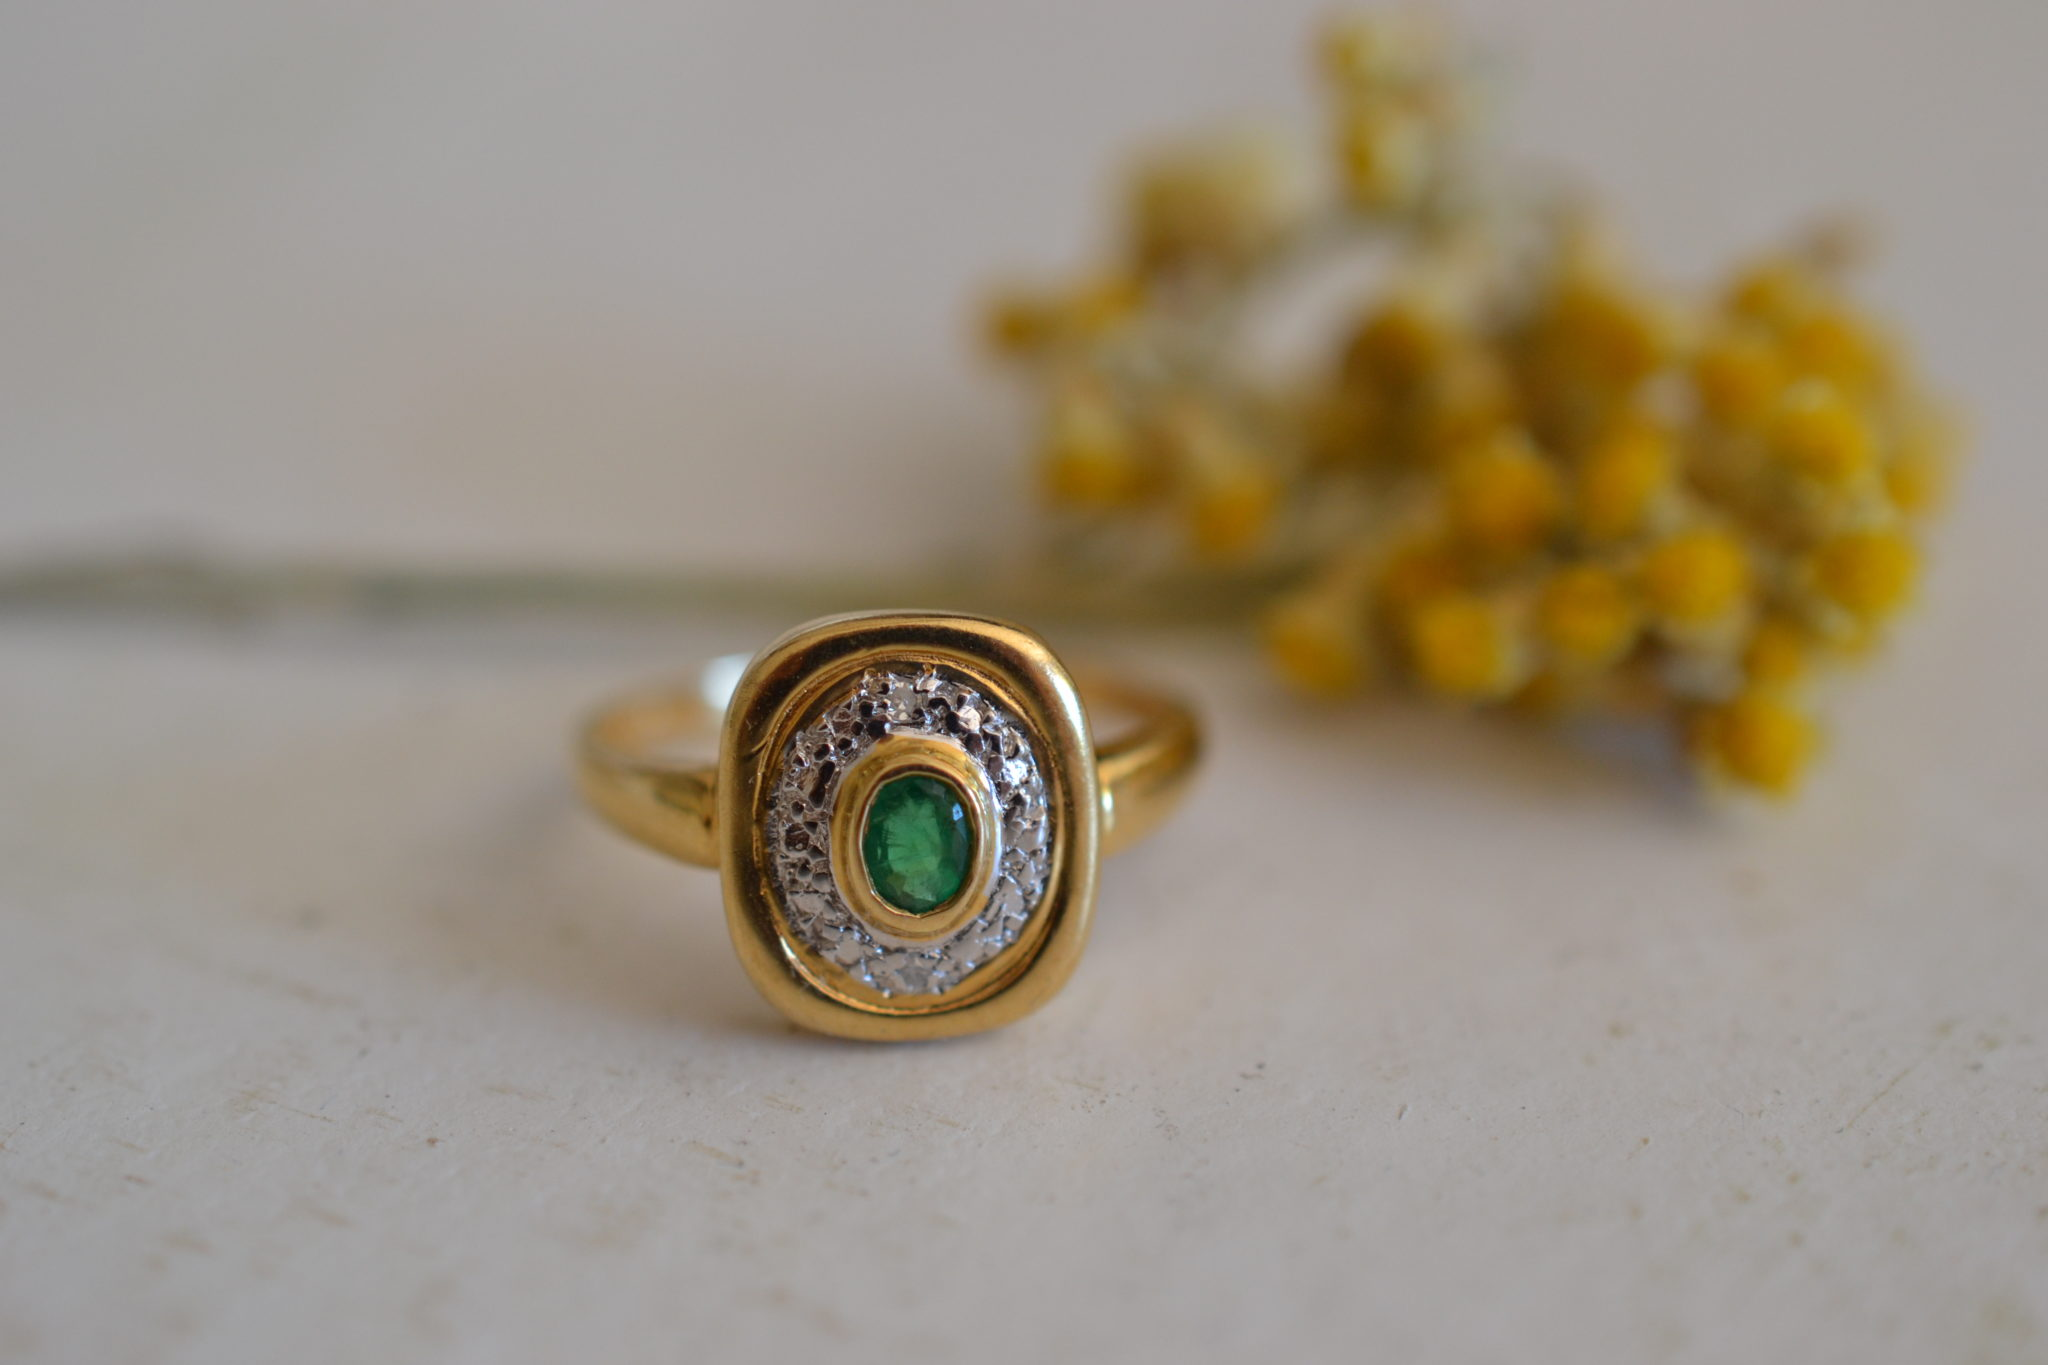 Bague Vintage Sertie D'une Emeraude Et De Diamants - En Or 18 Carats - Bague De Fiançailles Ethique